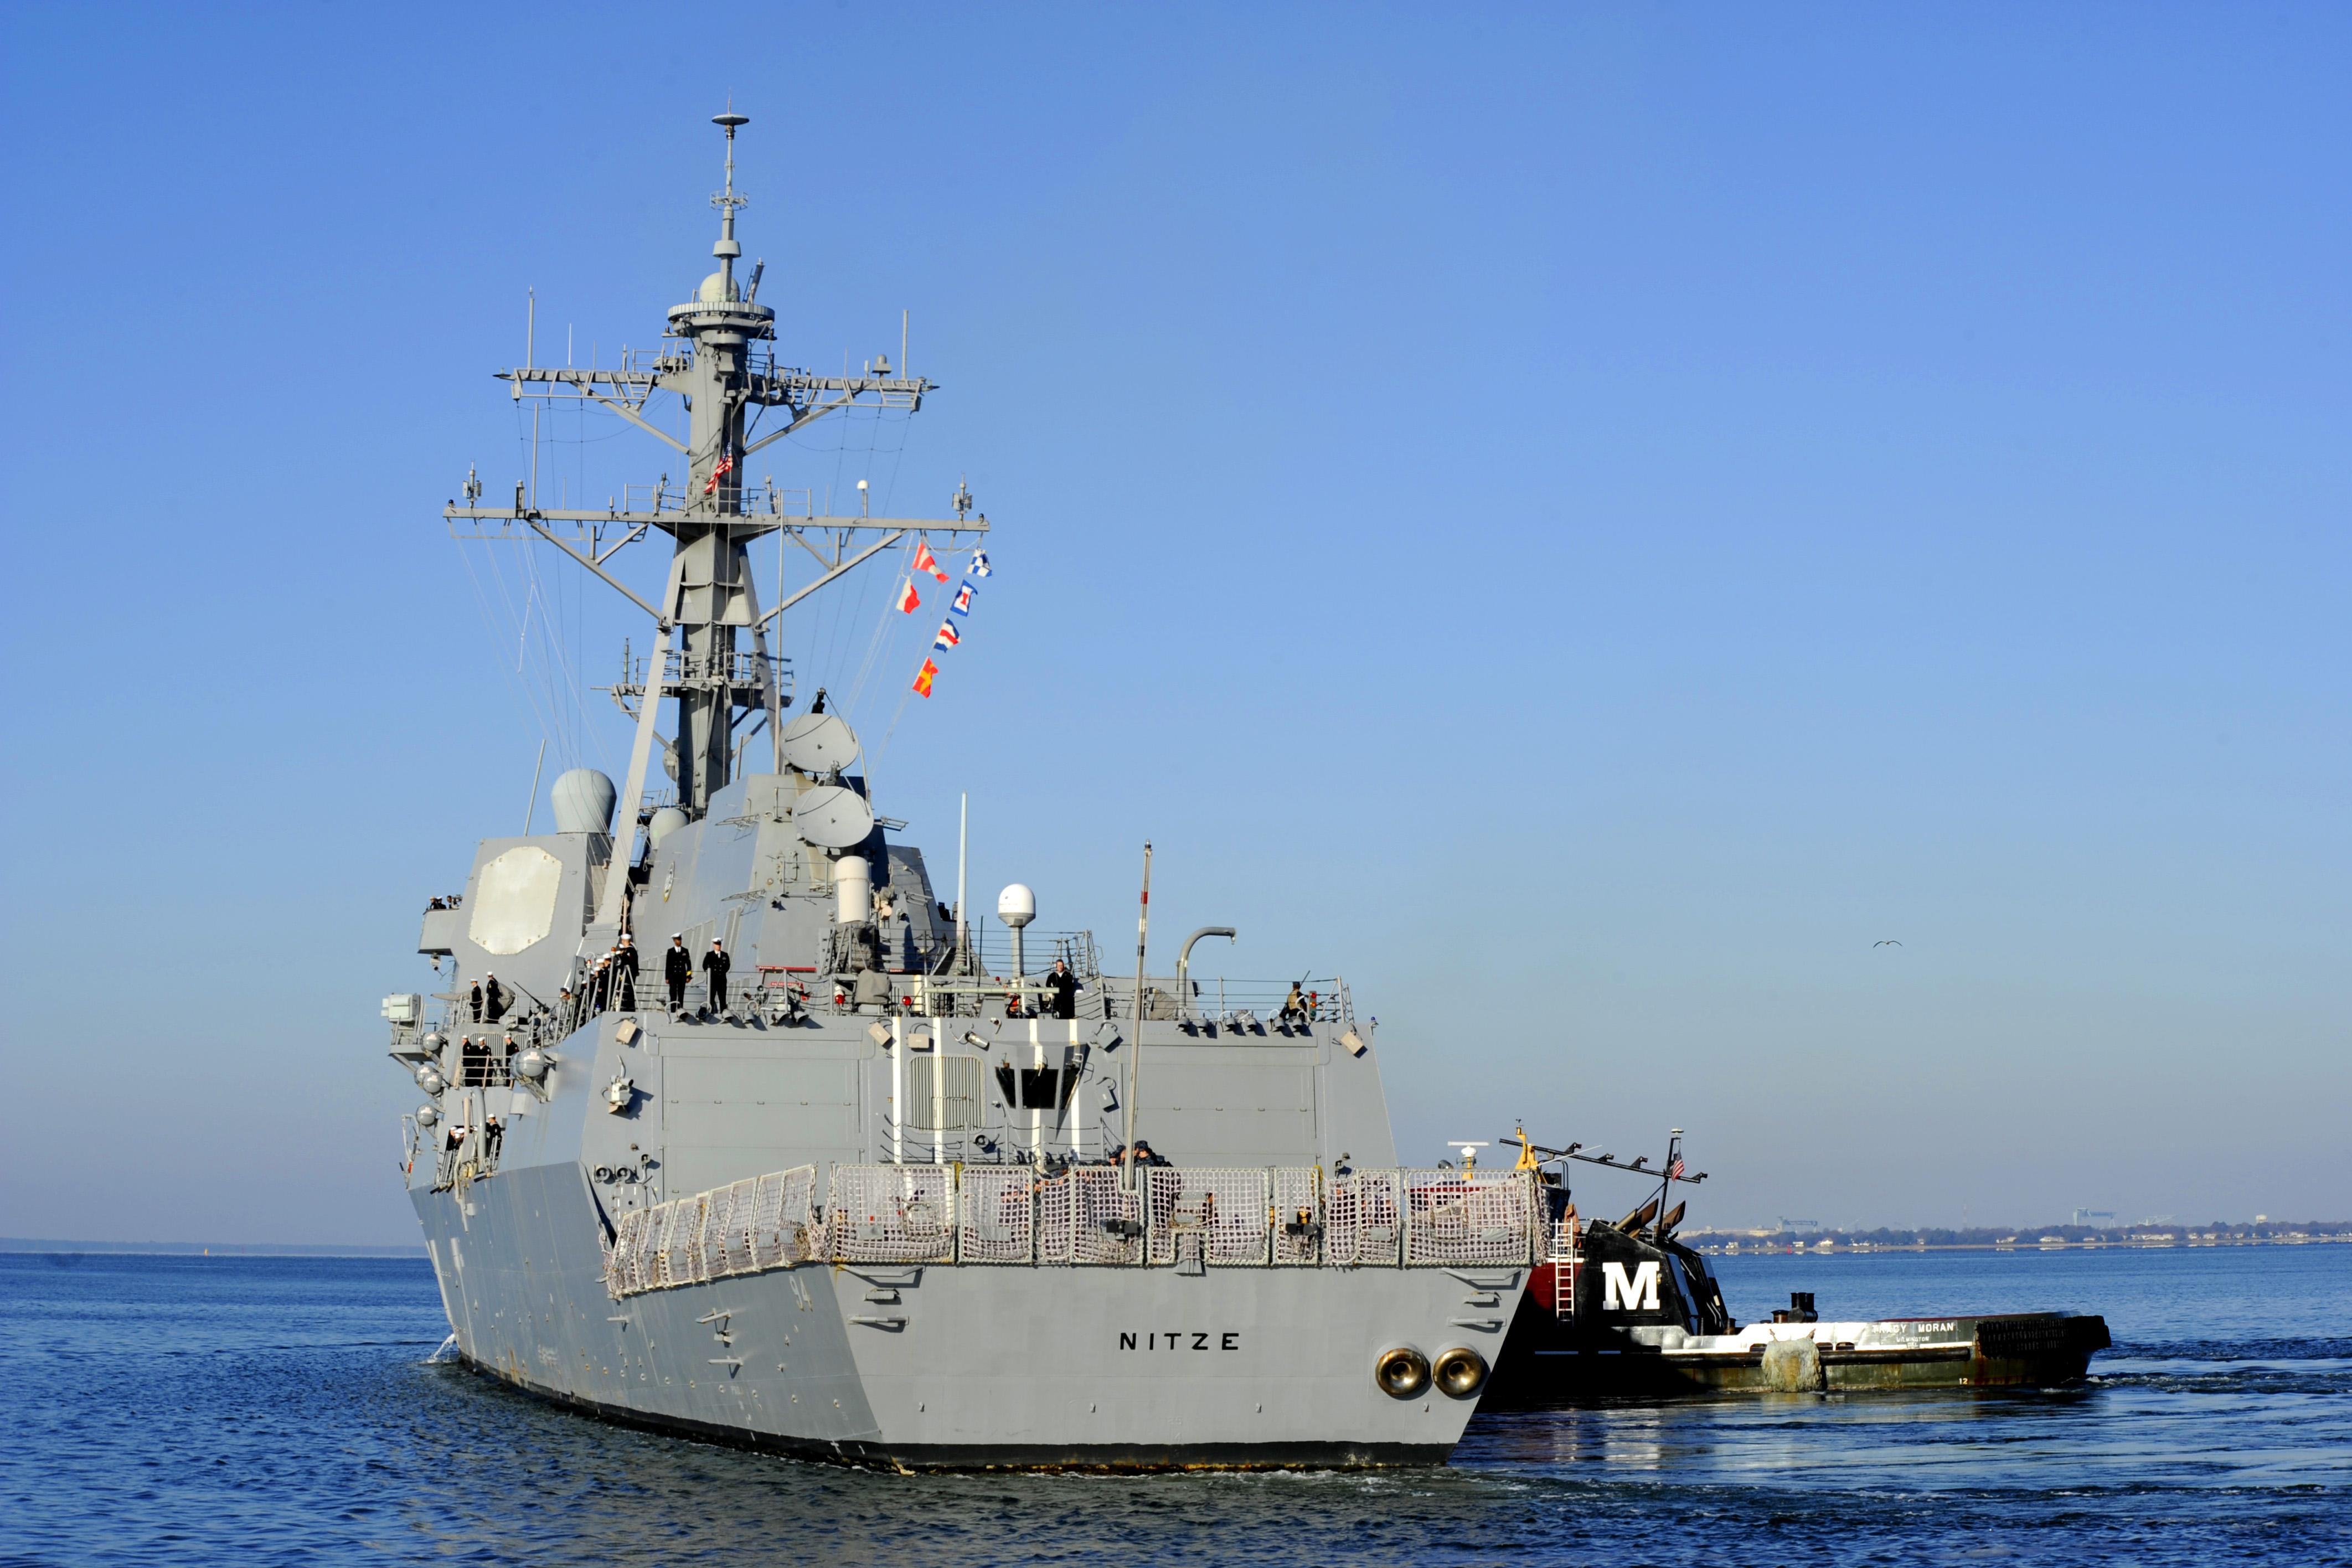 USS NITZE DDG-94 Auslaufen Norfolk 29.11.2013Bild: U.S. Navy